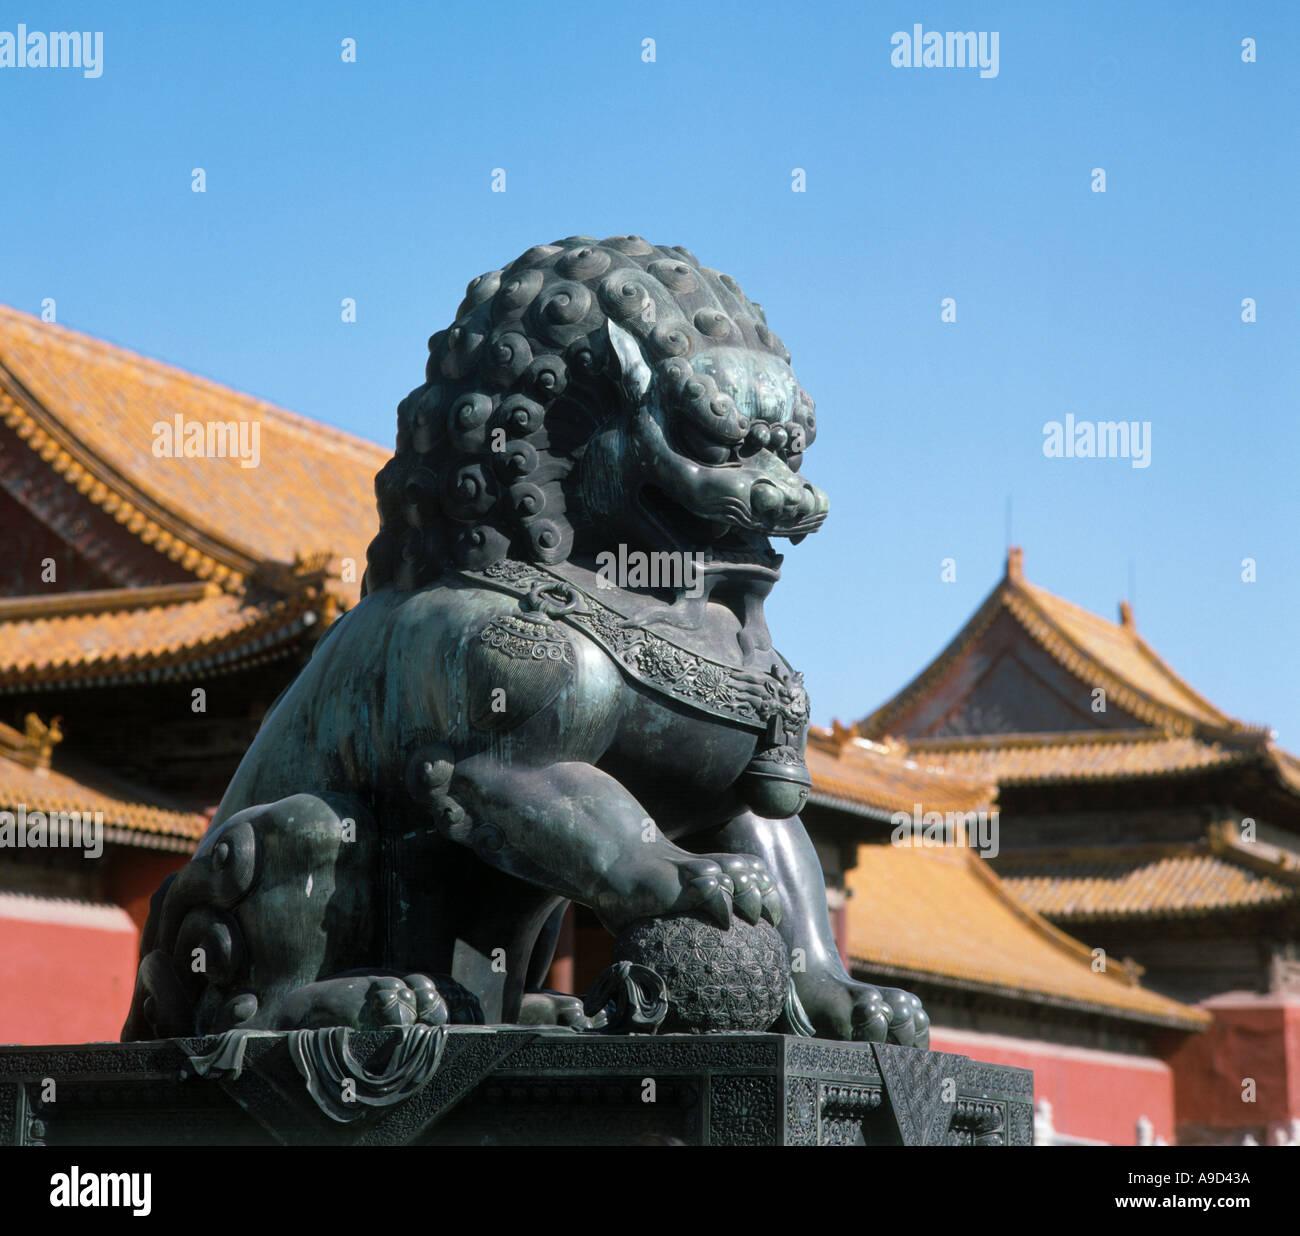 Estatua de un león de bronce, el Palacio Imperial, la Ciudad Prohibida, Beijing, China Imagen De Stock